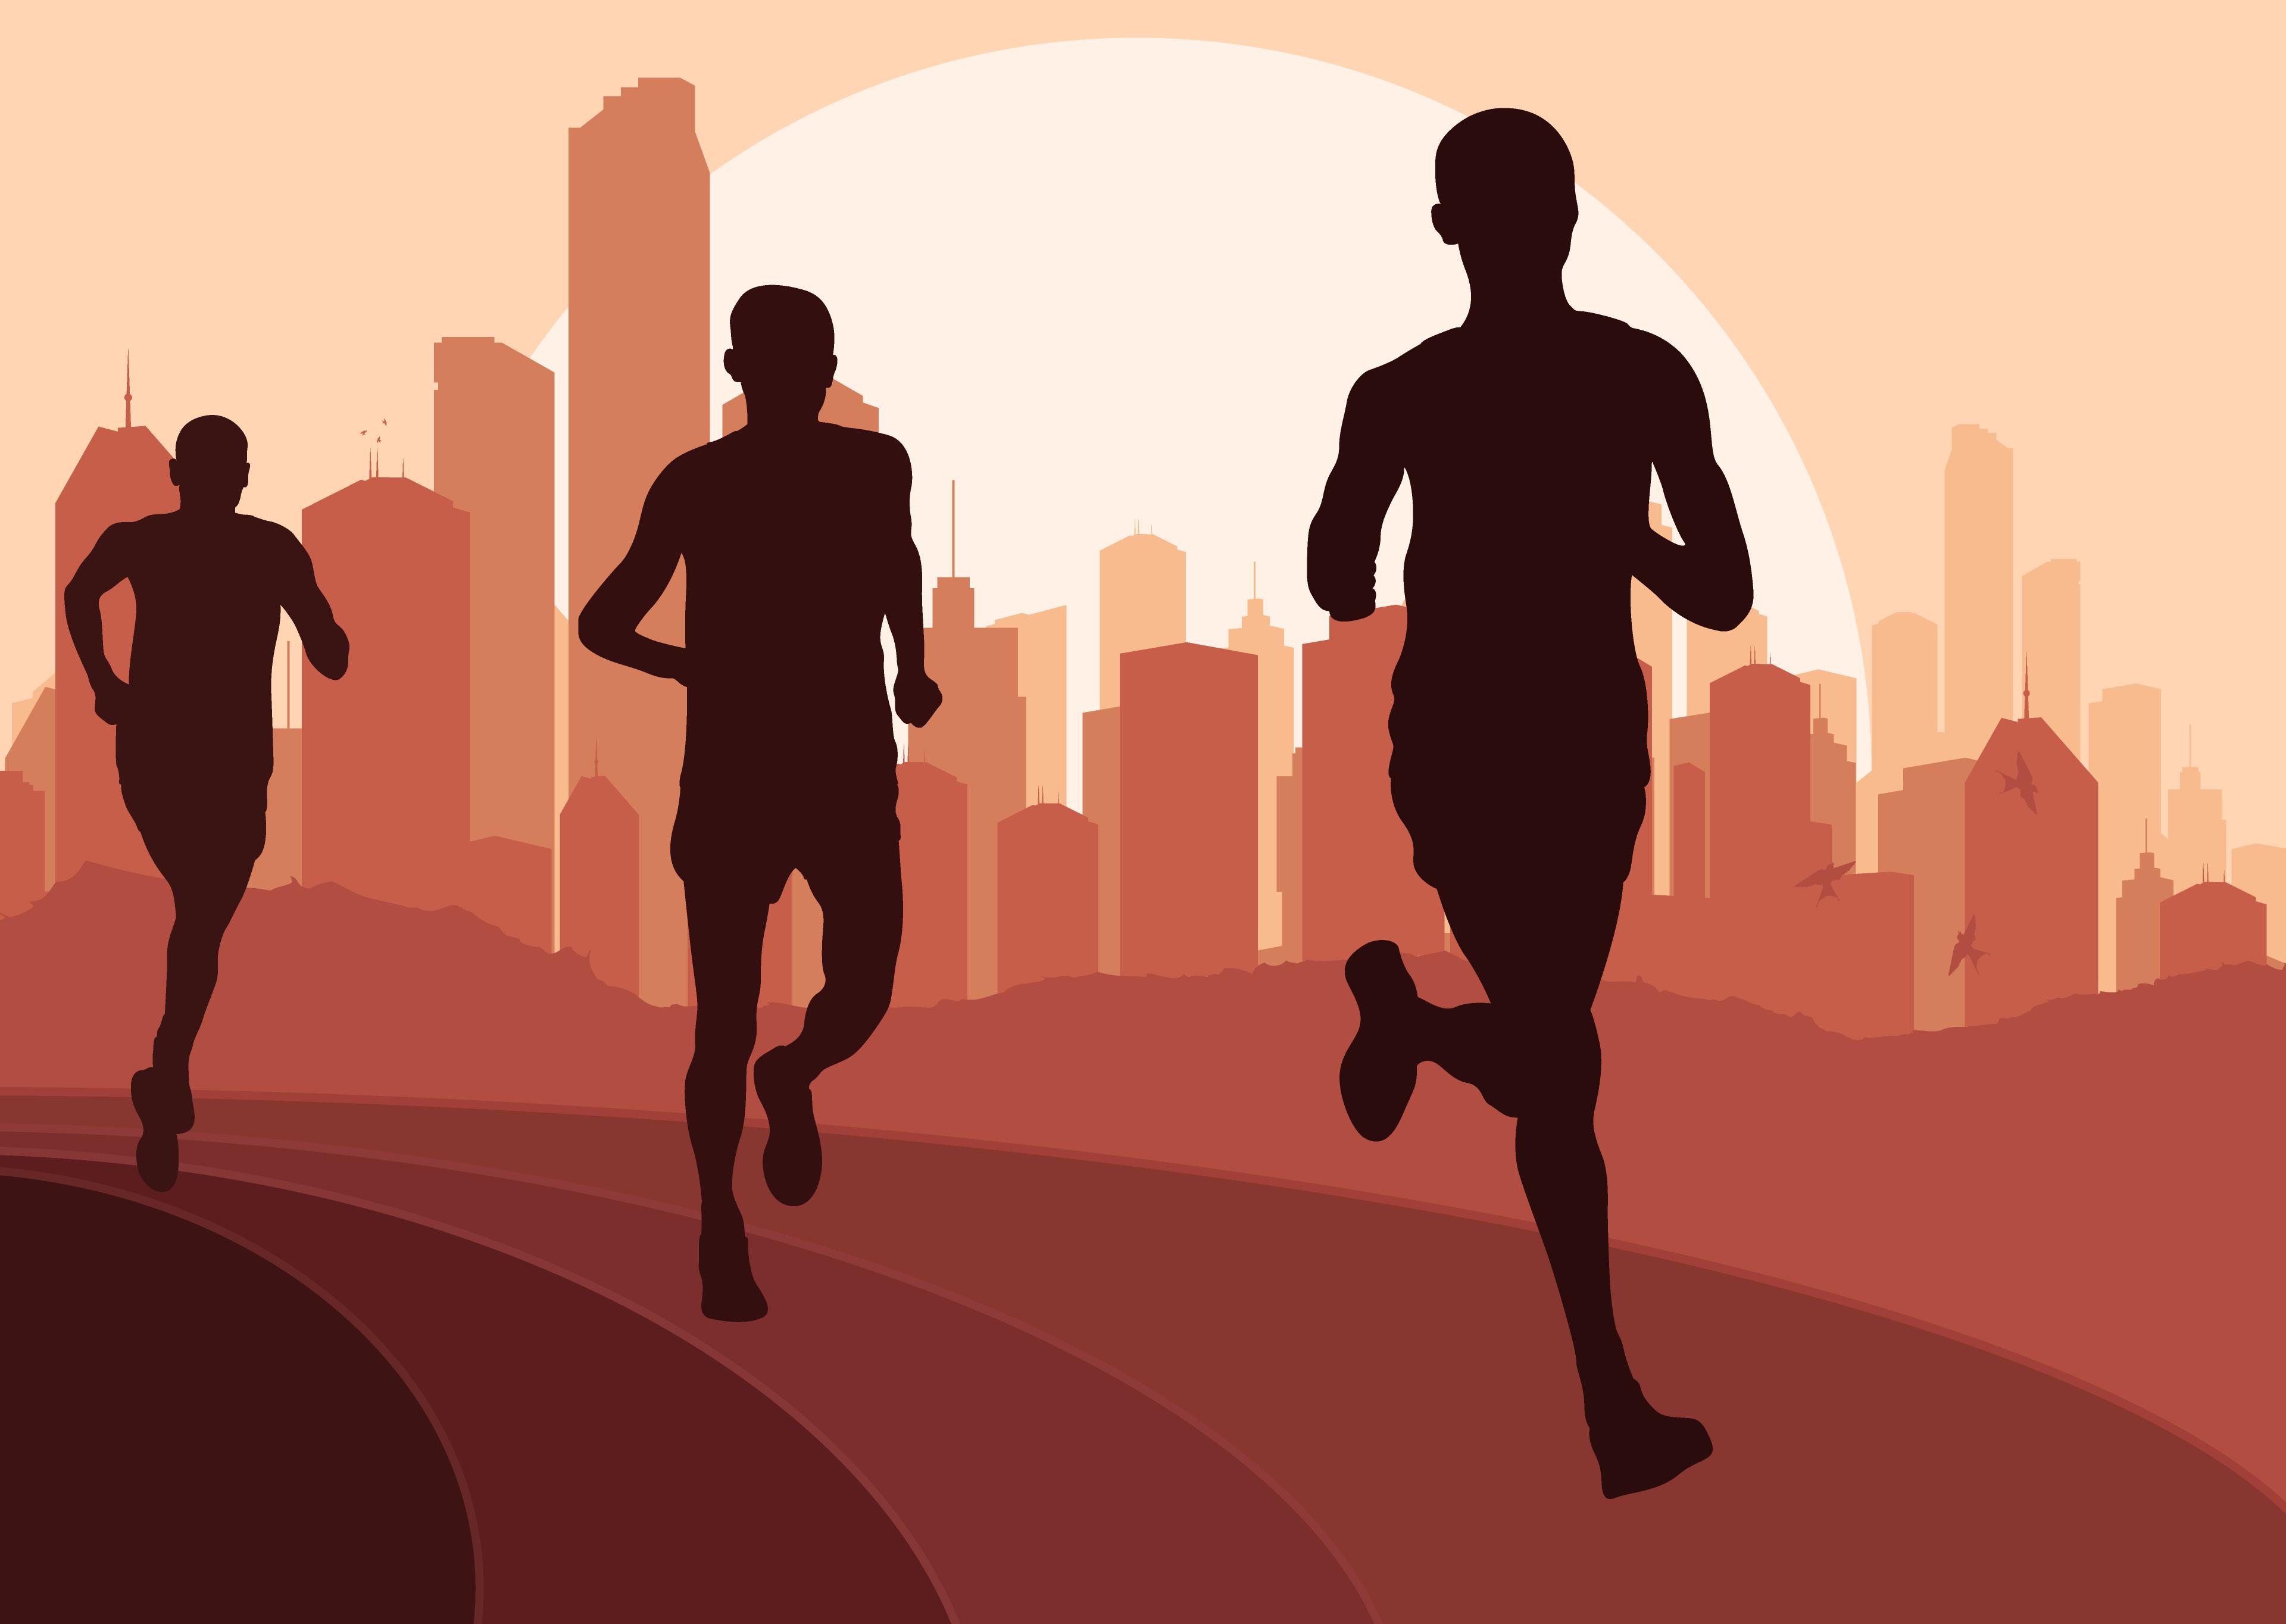 マラソン大会中に休憩、海転落後死亡 遺族が焼津市と体協を提訴、約1億円の損害賠償求める